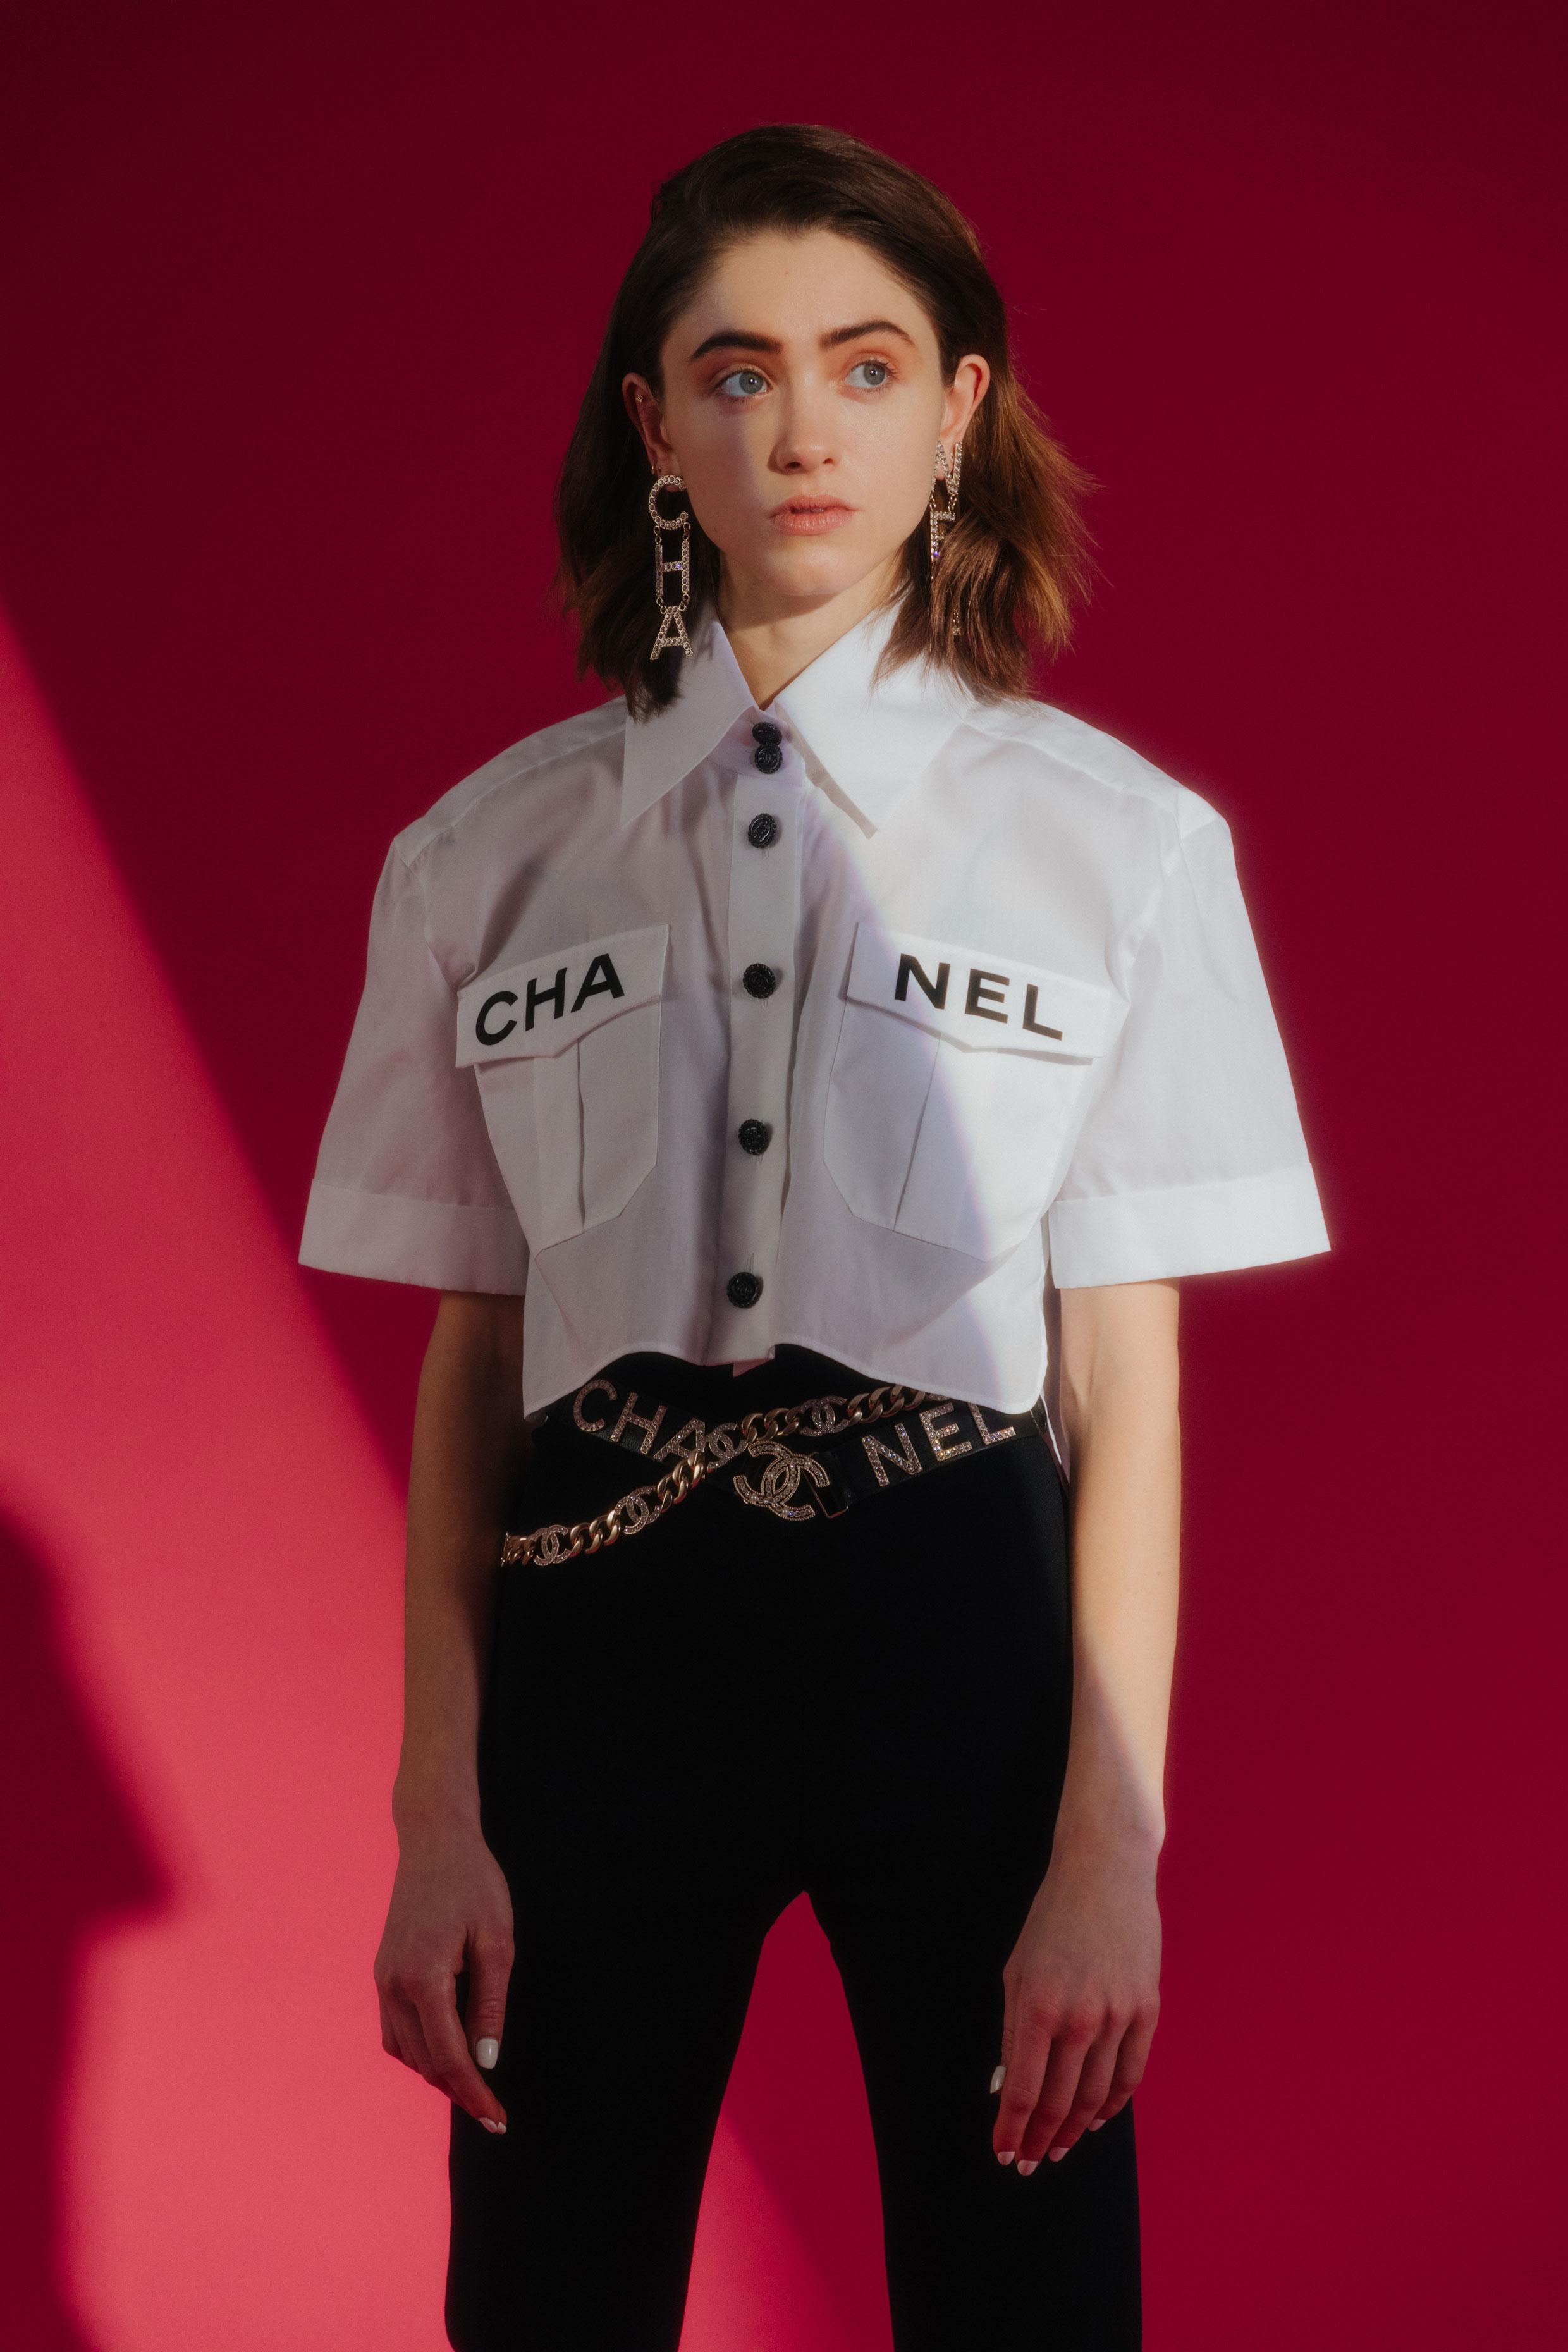 CHANEL  shirt, pants, belt, and earrings.